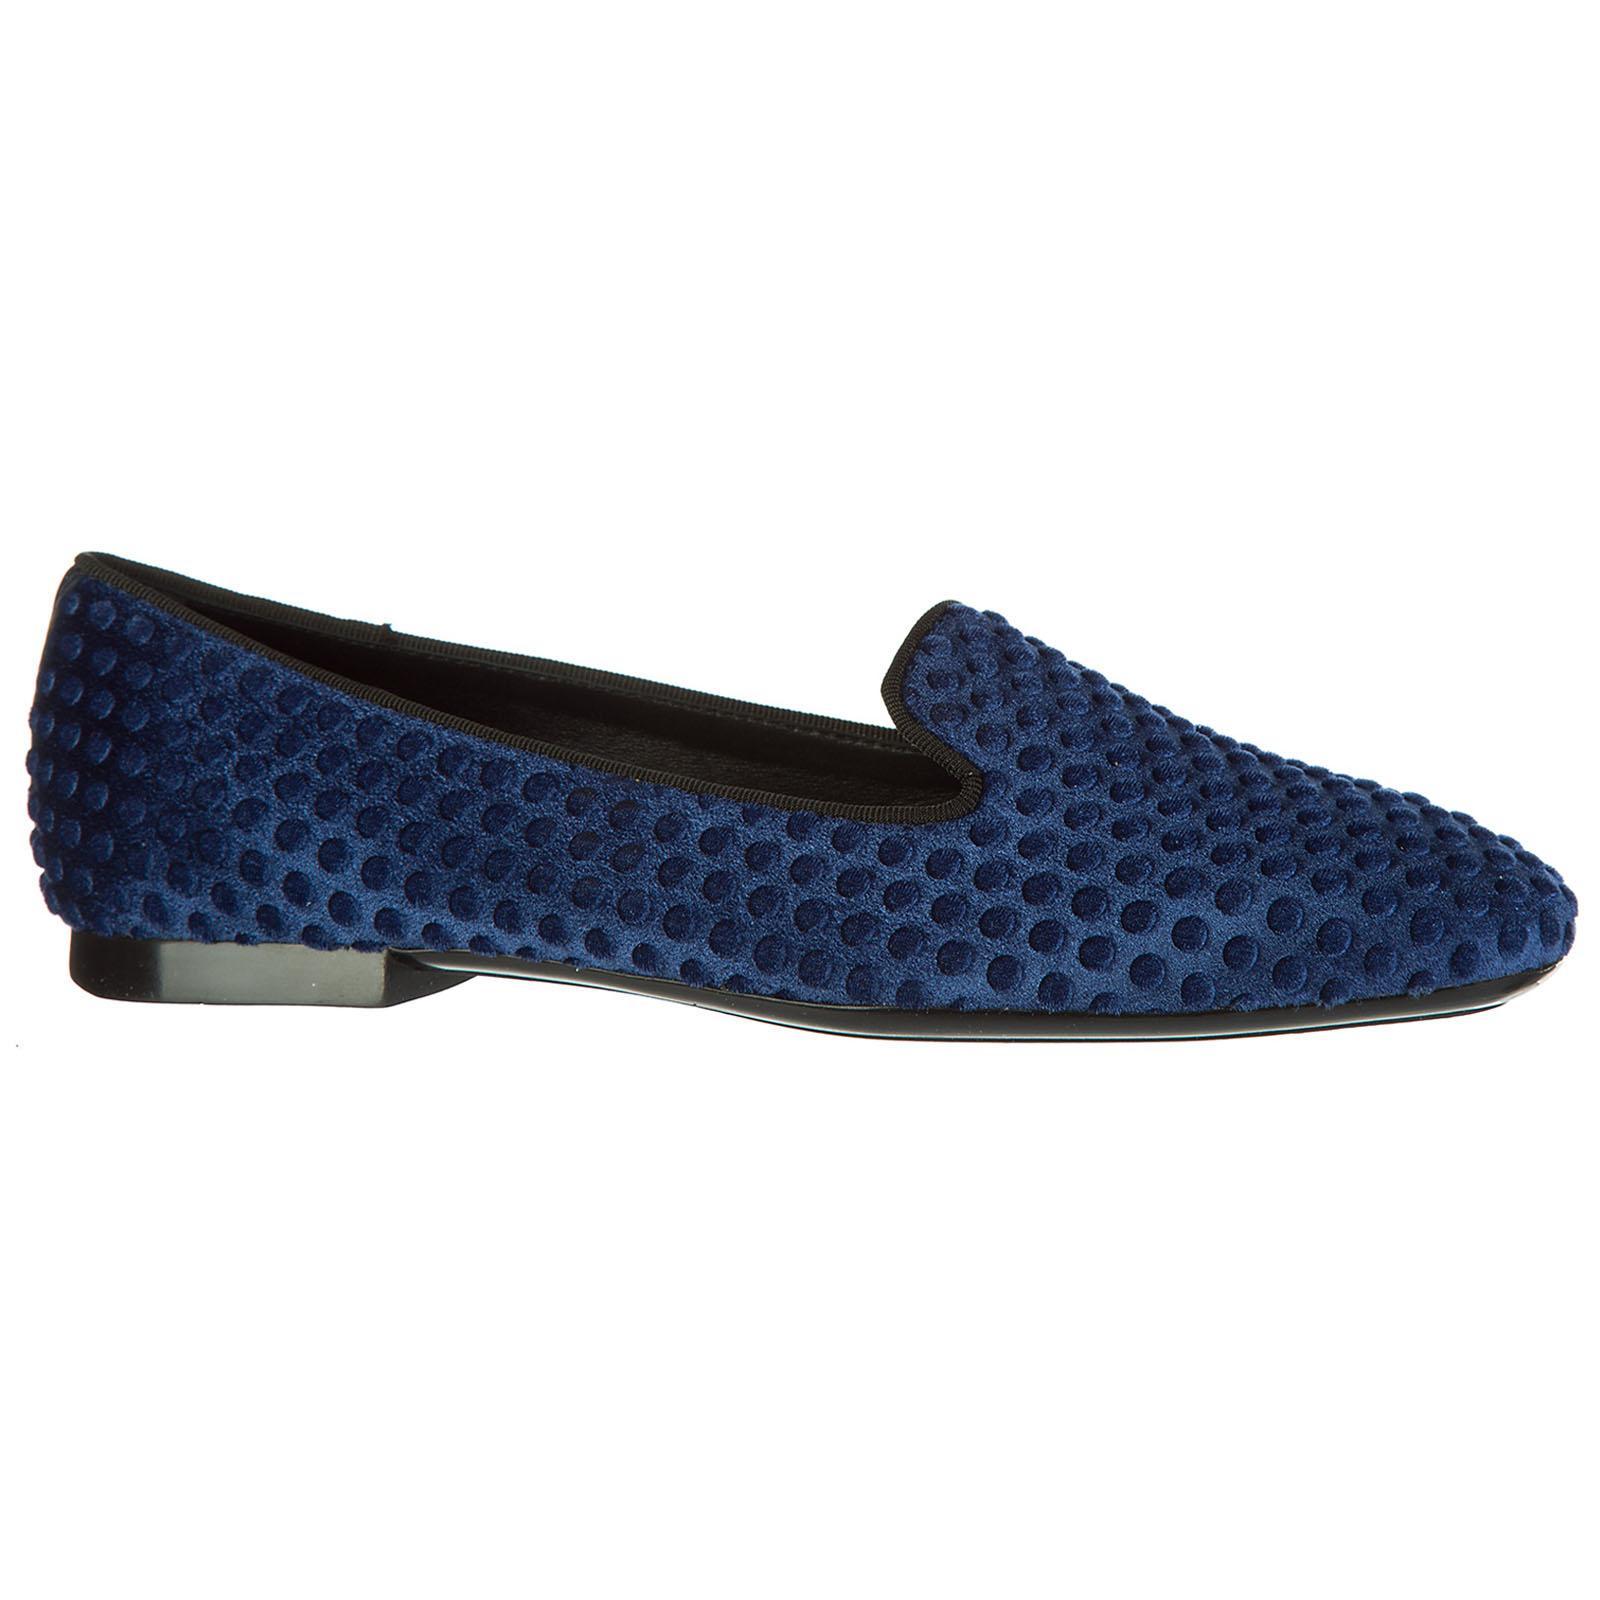 Damen wildleder slip on slipper sneakers